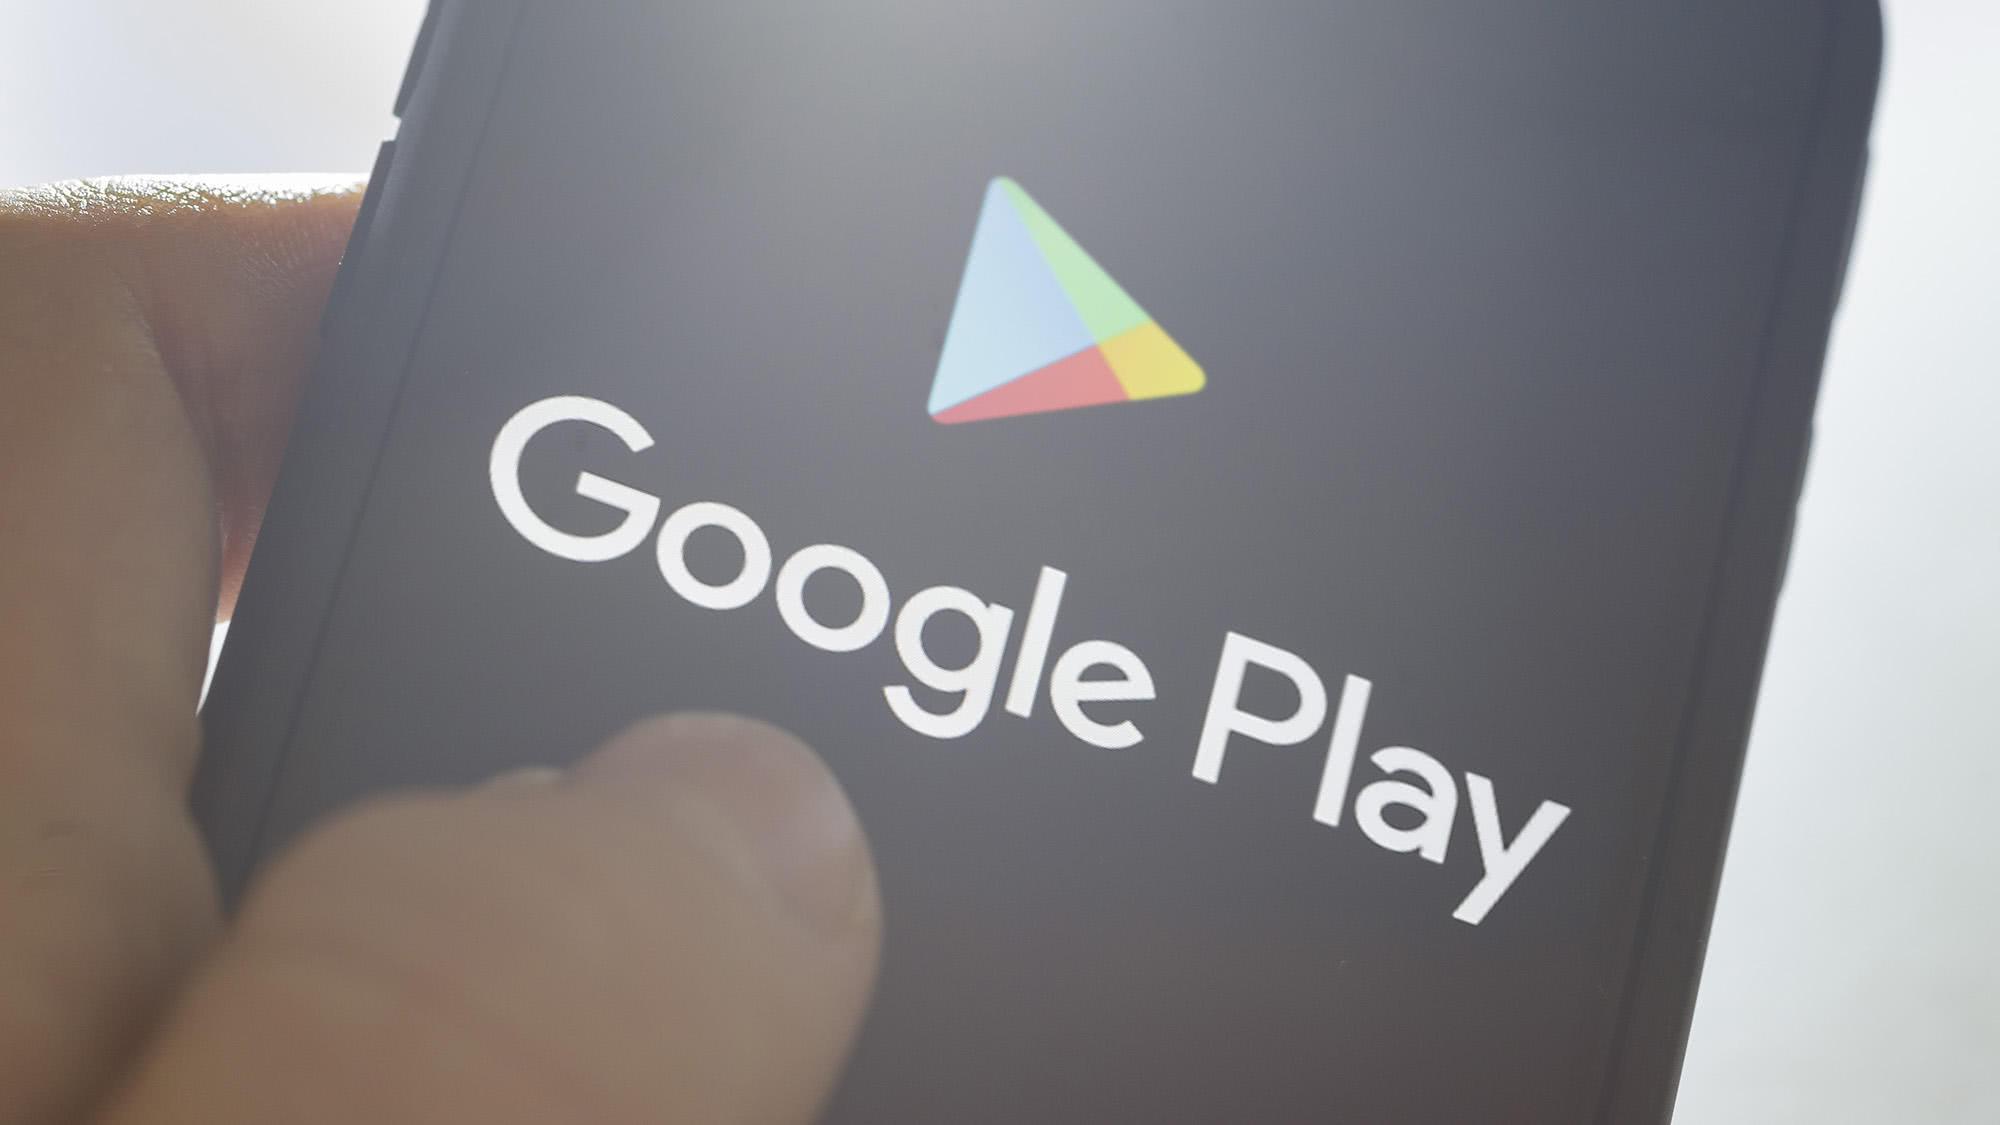 消息称谷歌付费音乐服务已经获得1500万会员